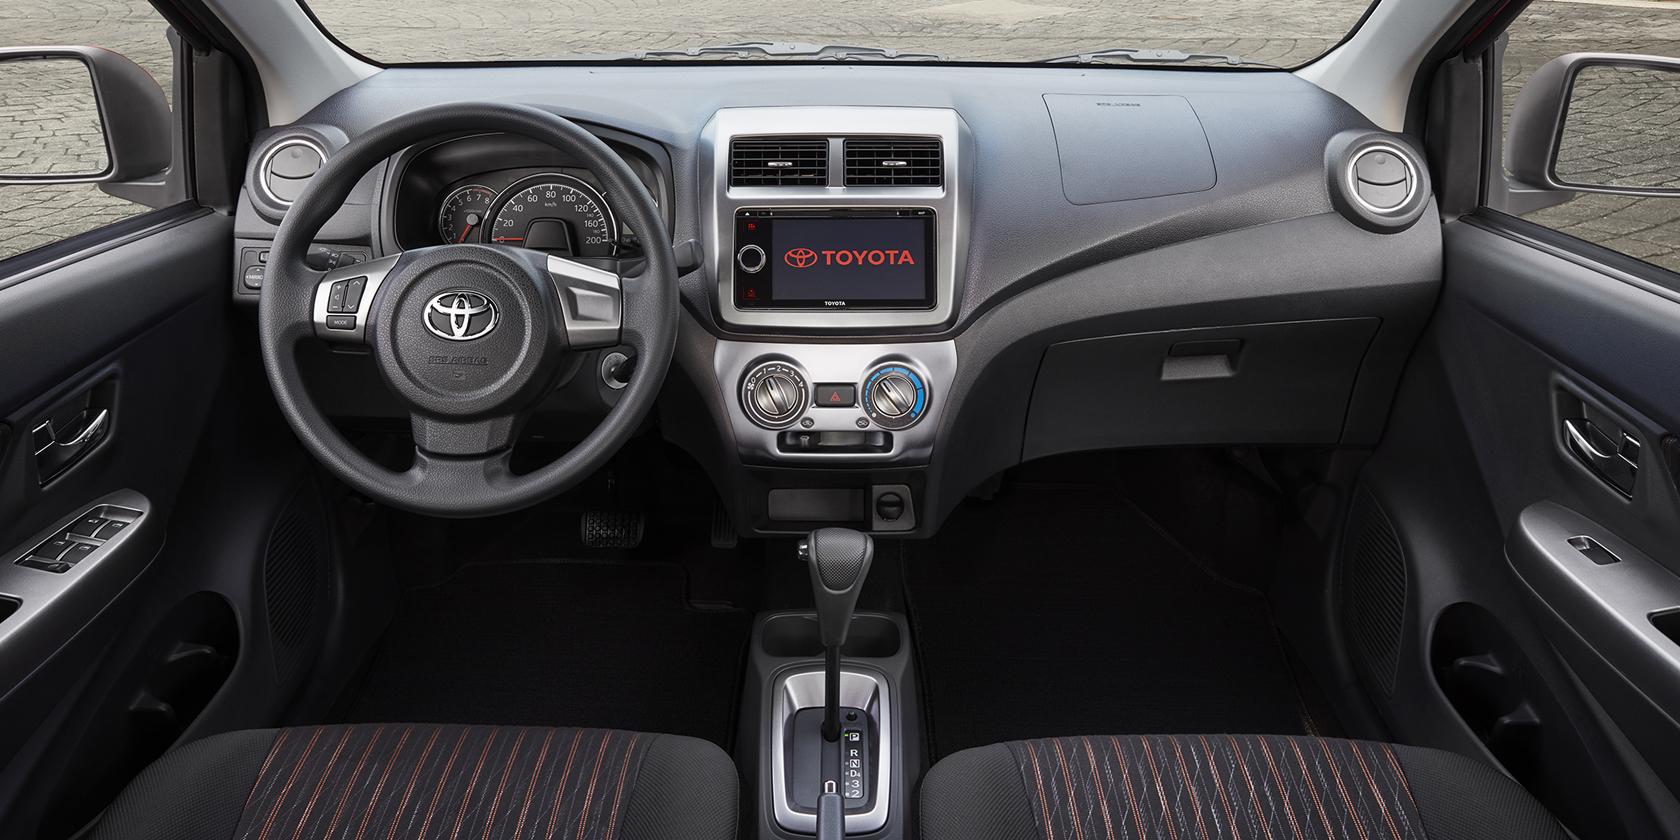 Toyota Global Site Vehicle Gallery AGYA